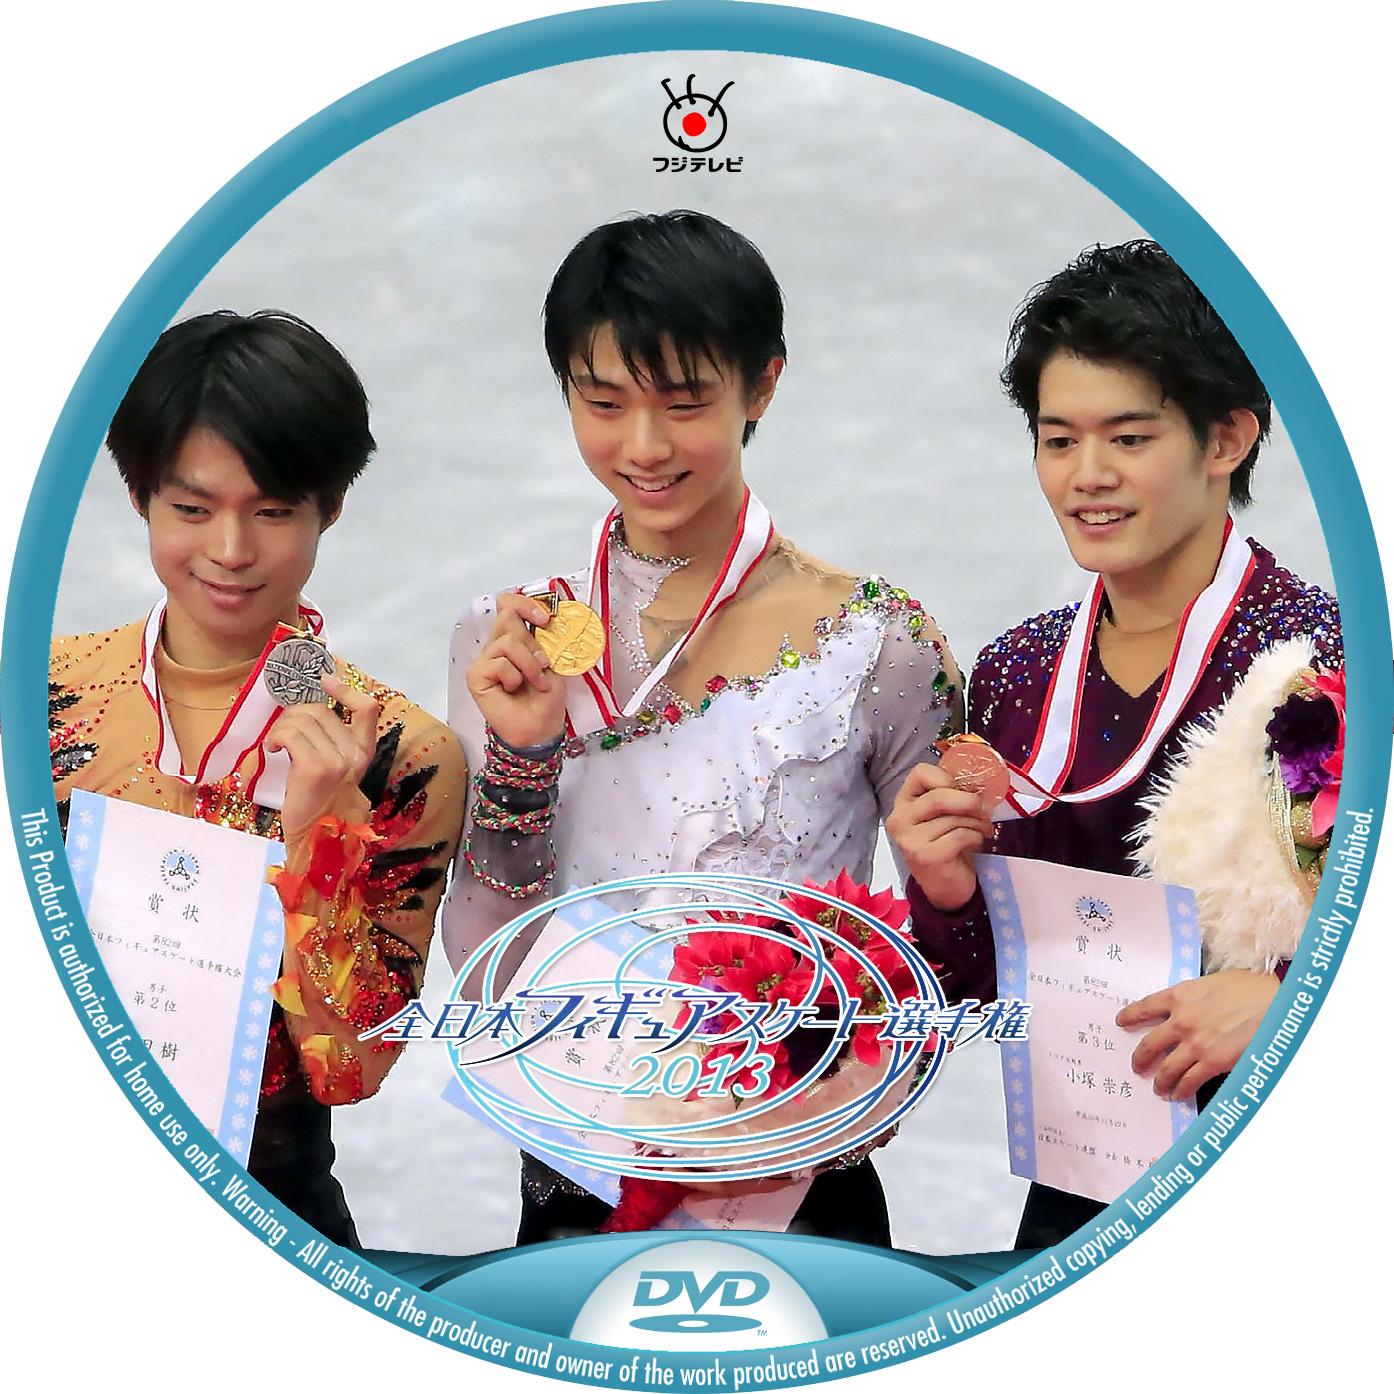 全日本フィギュア2013 DVDラベル